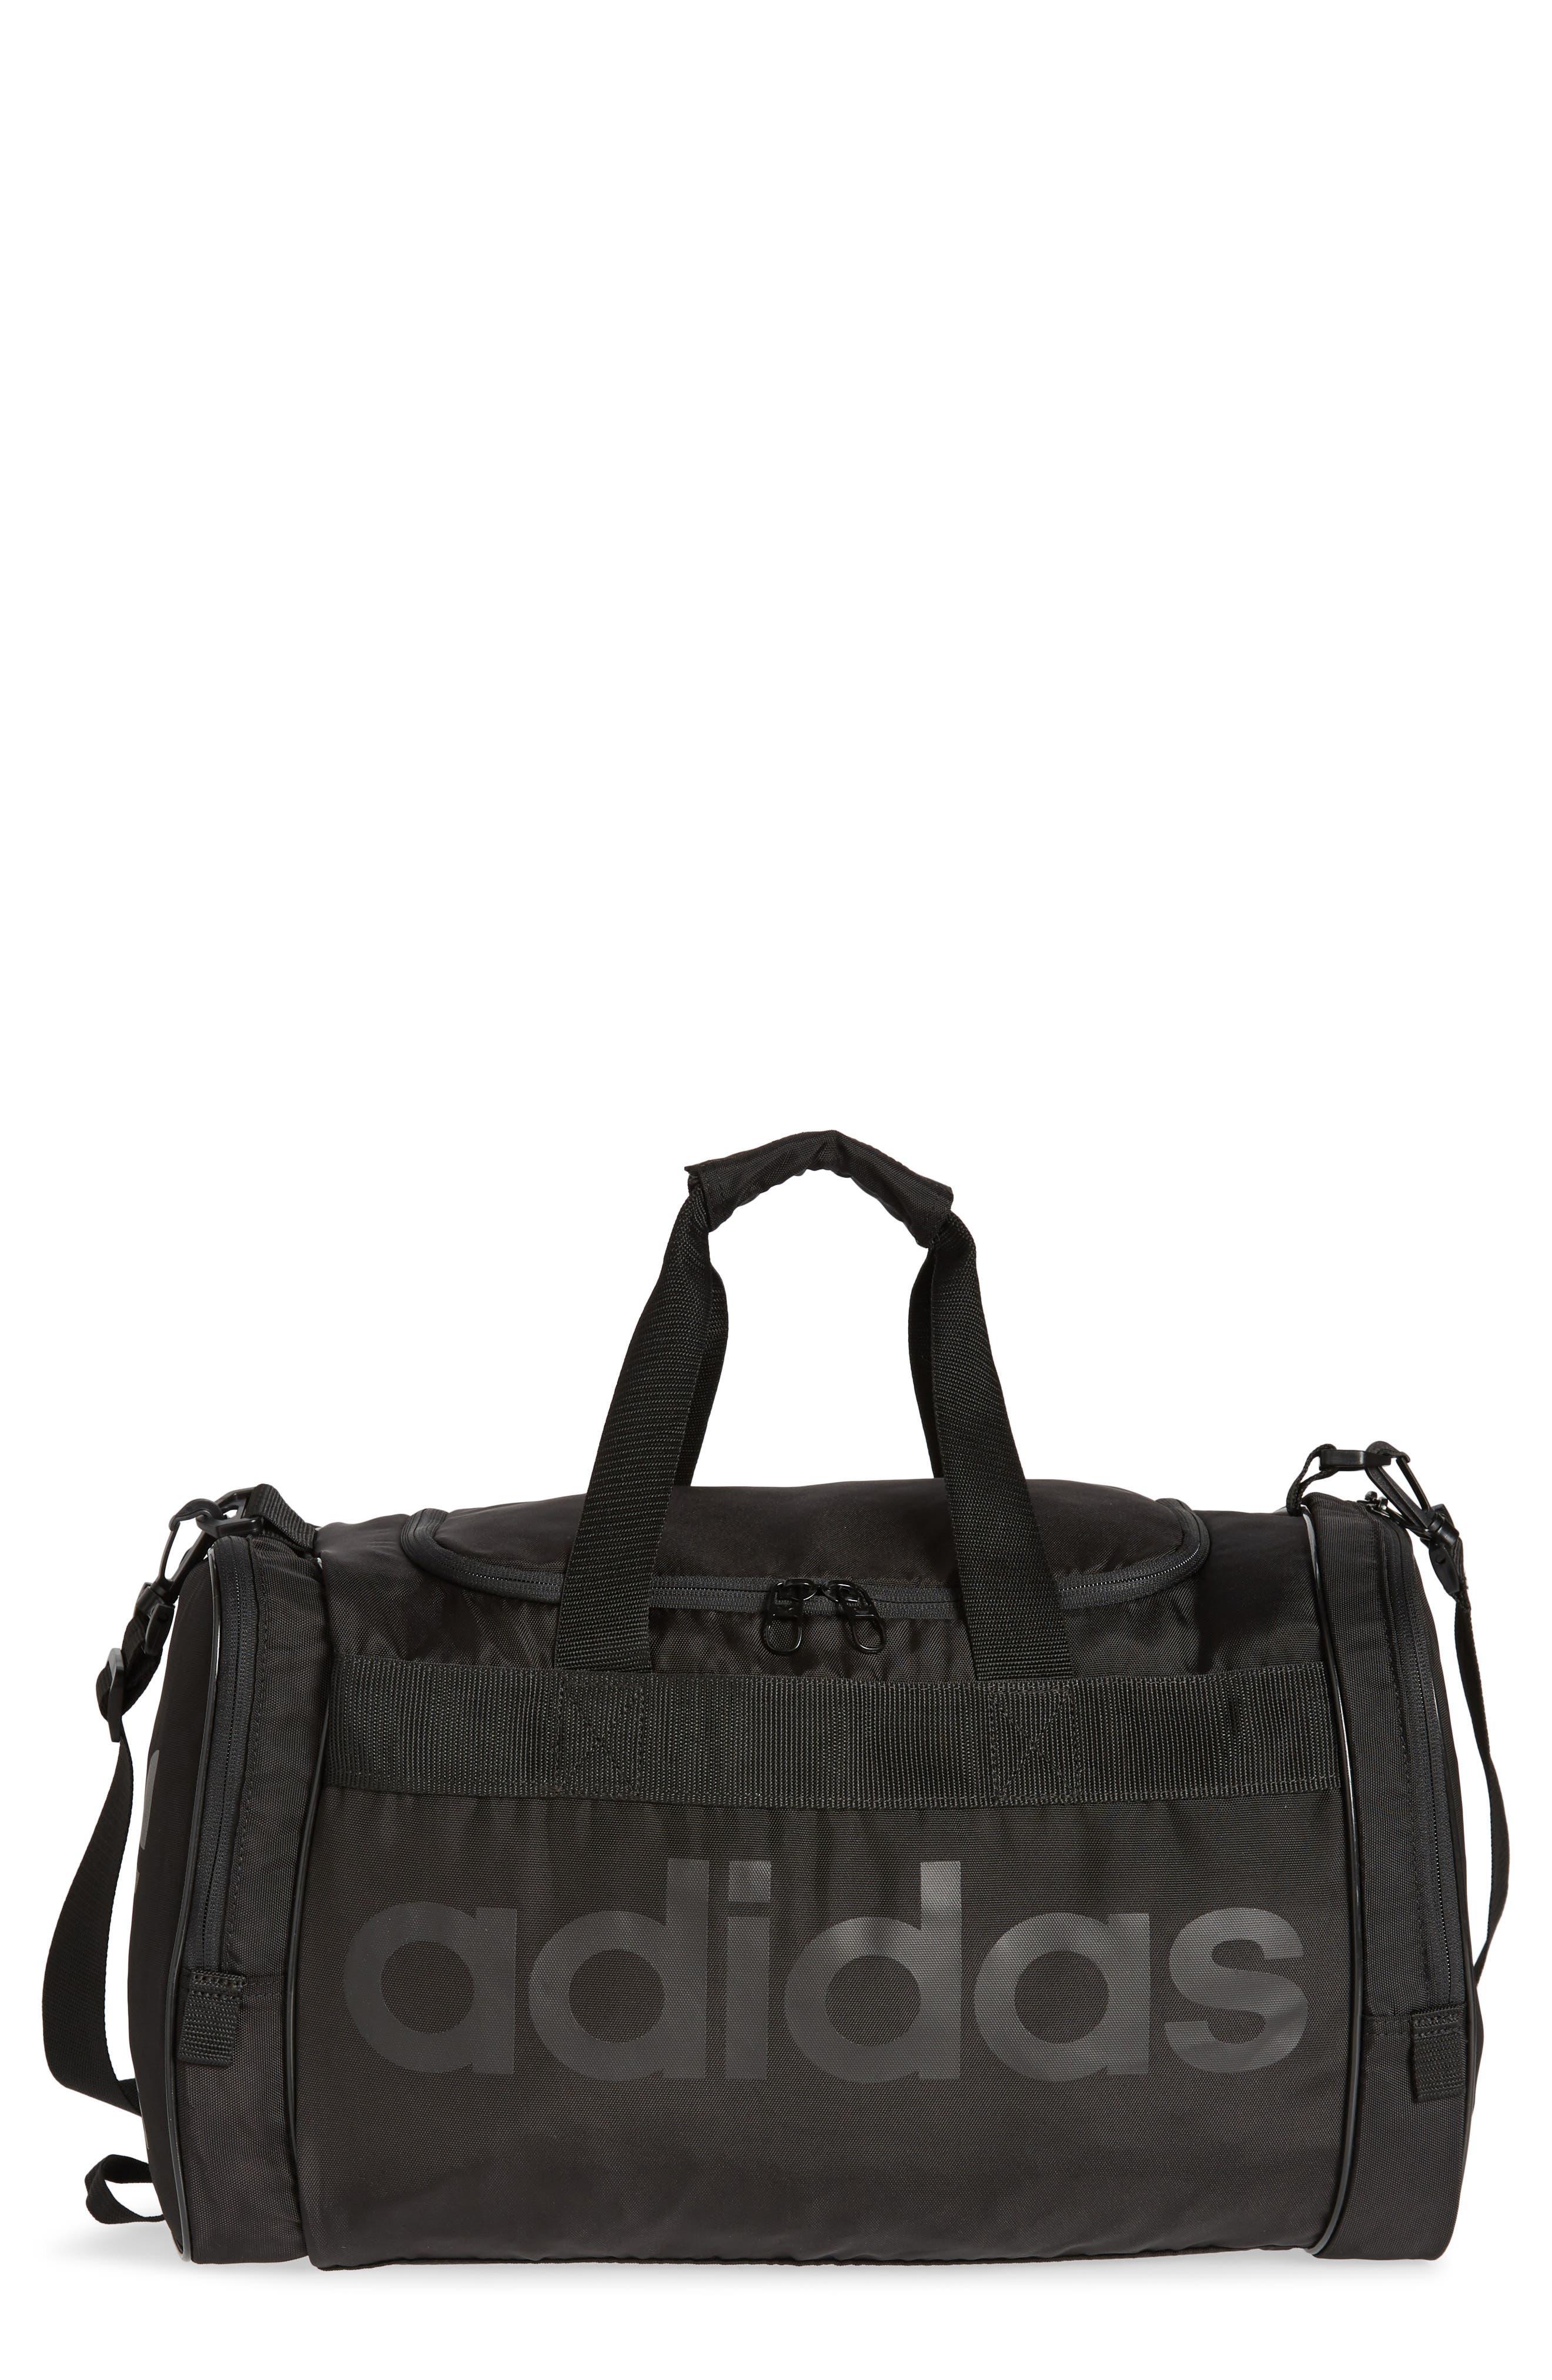 ADIDAS ORIGINALS Santiago Duffel Bag, Main, color, 001